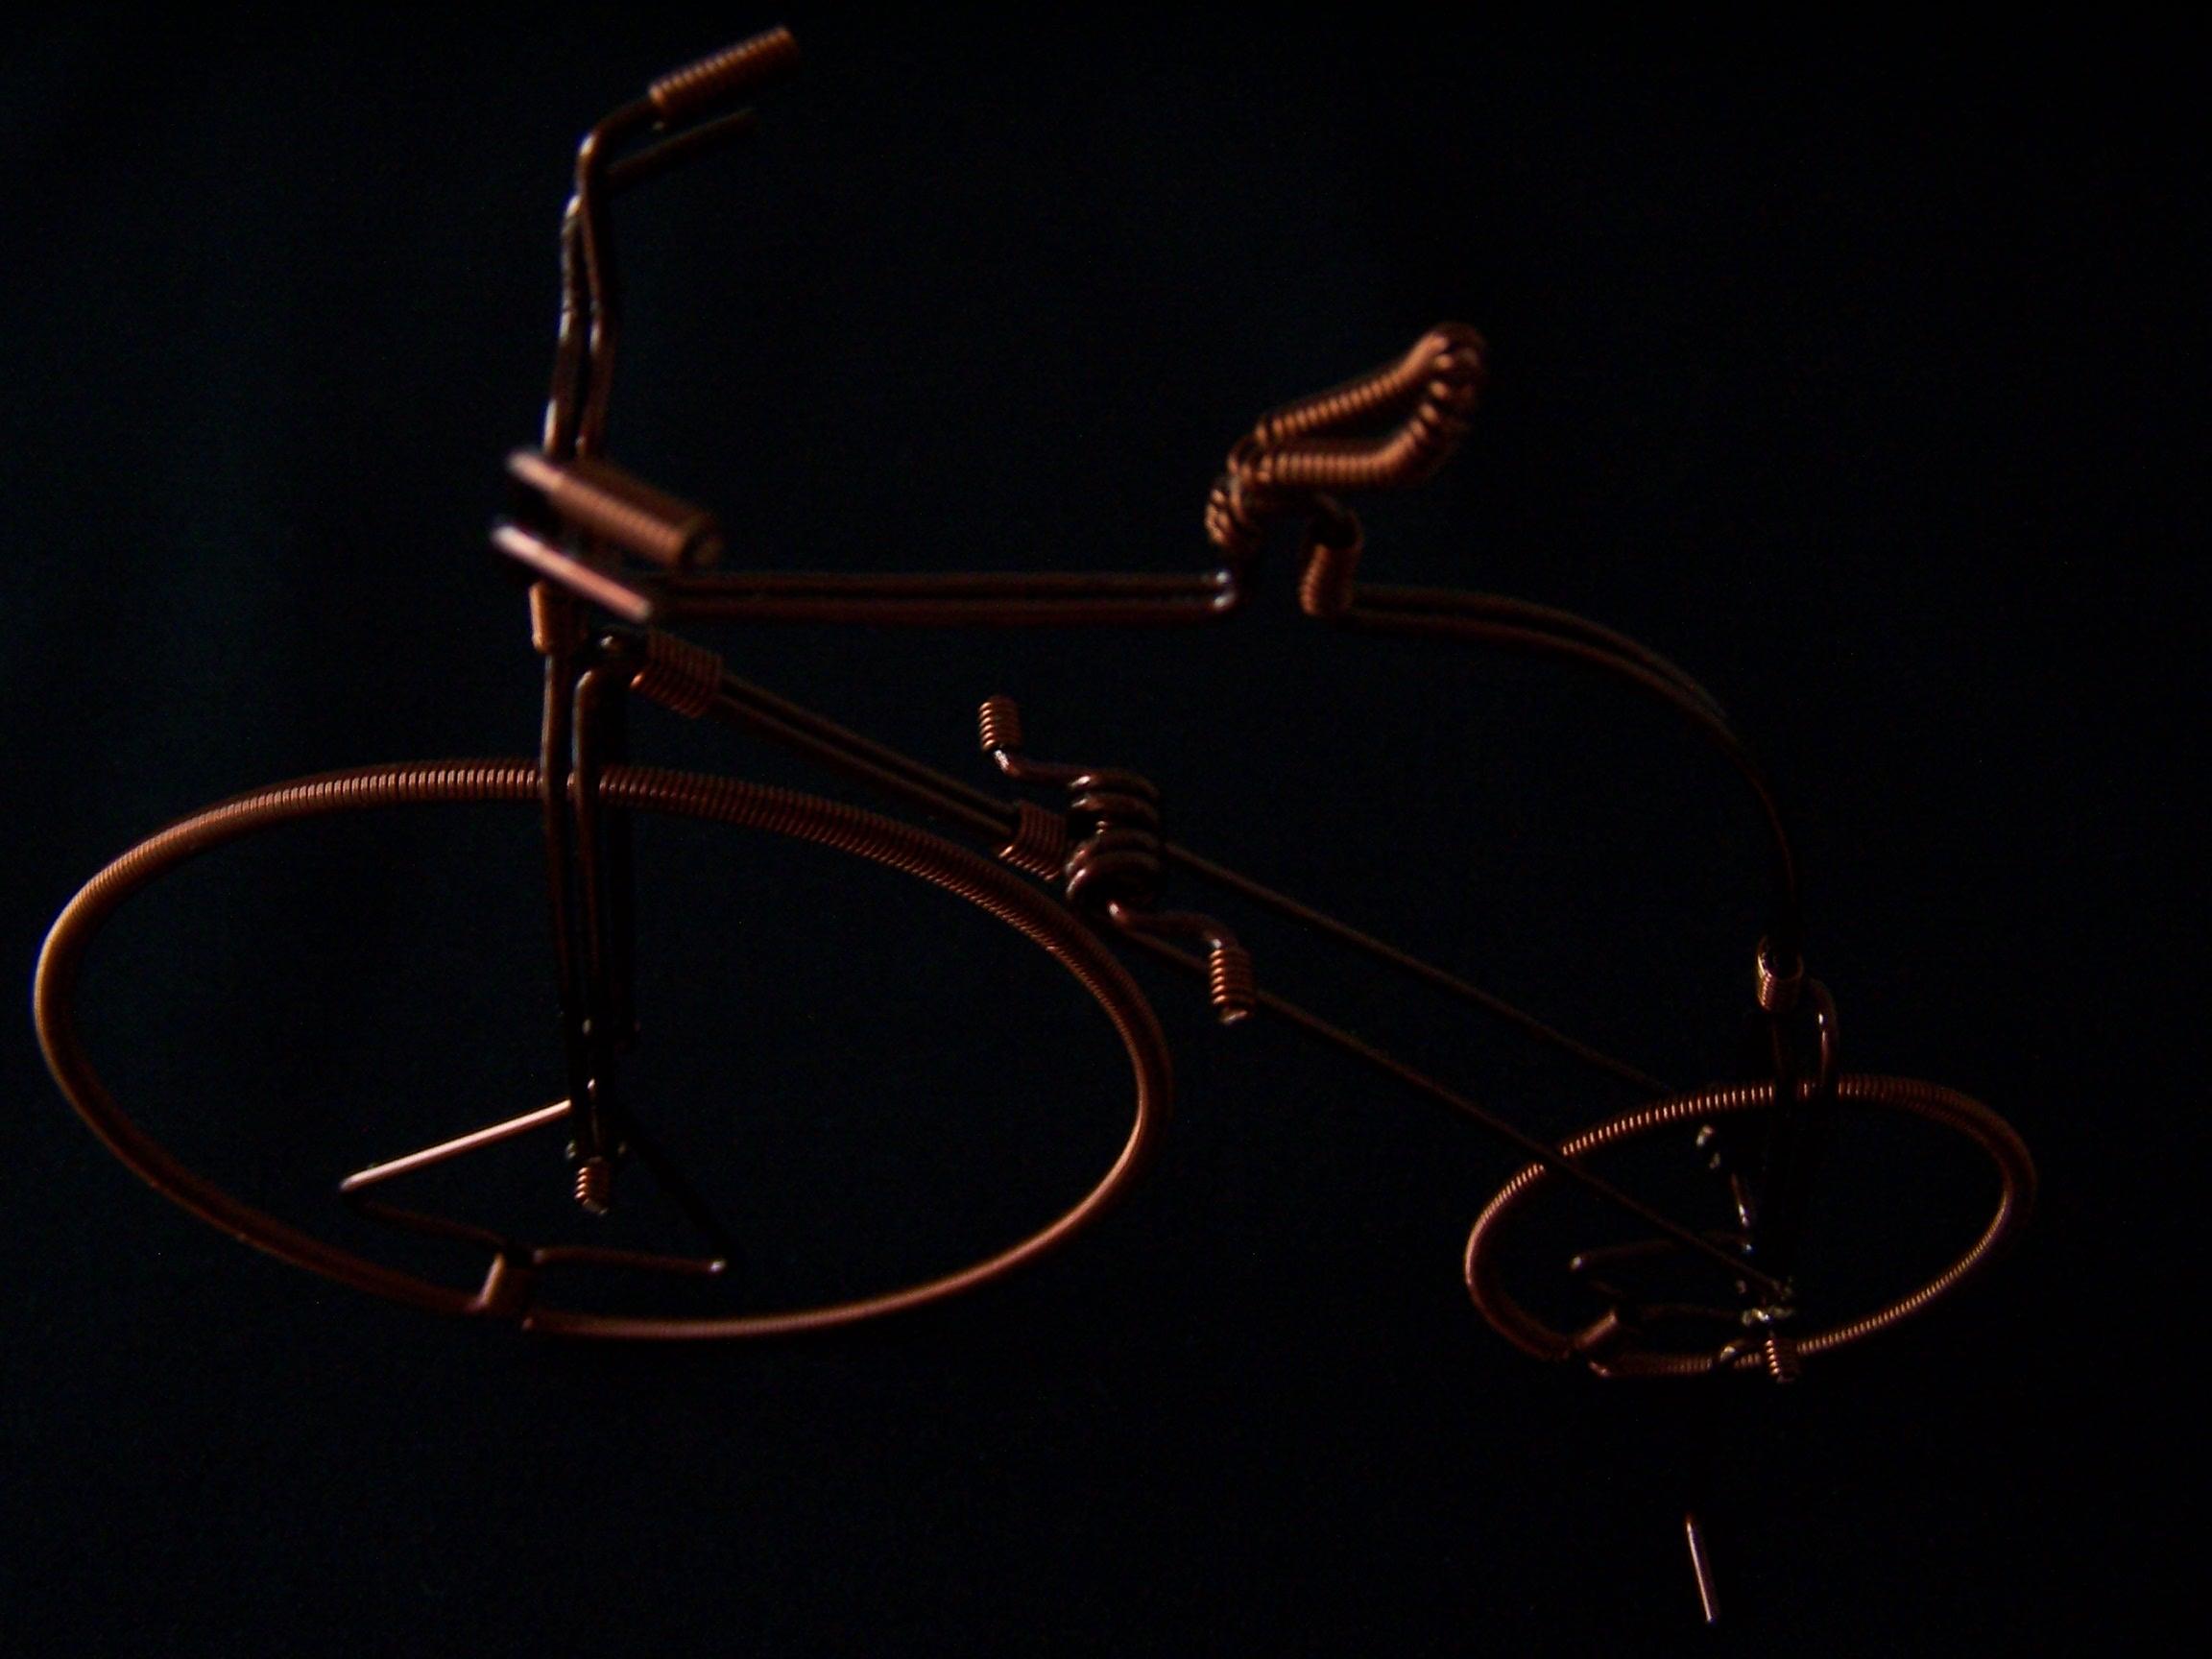 工艺品)珍藏及馈赠佳品-----手工制作古色古香之铜丝